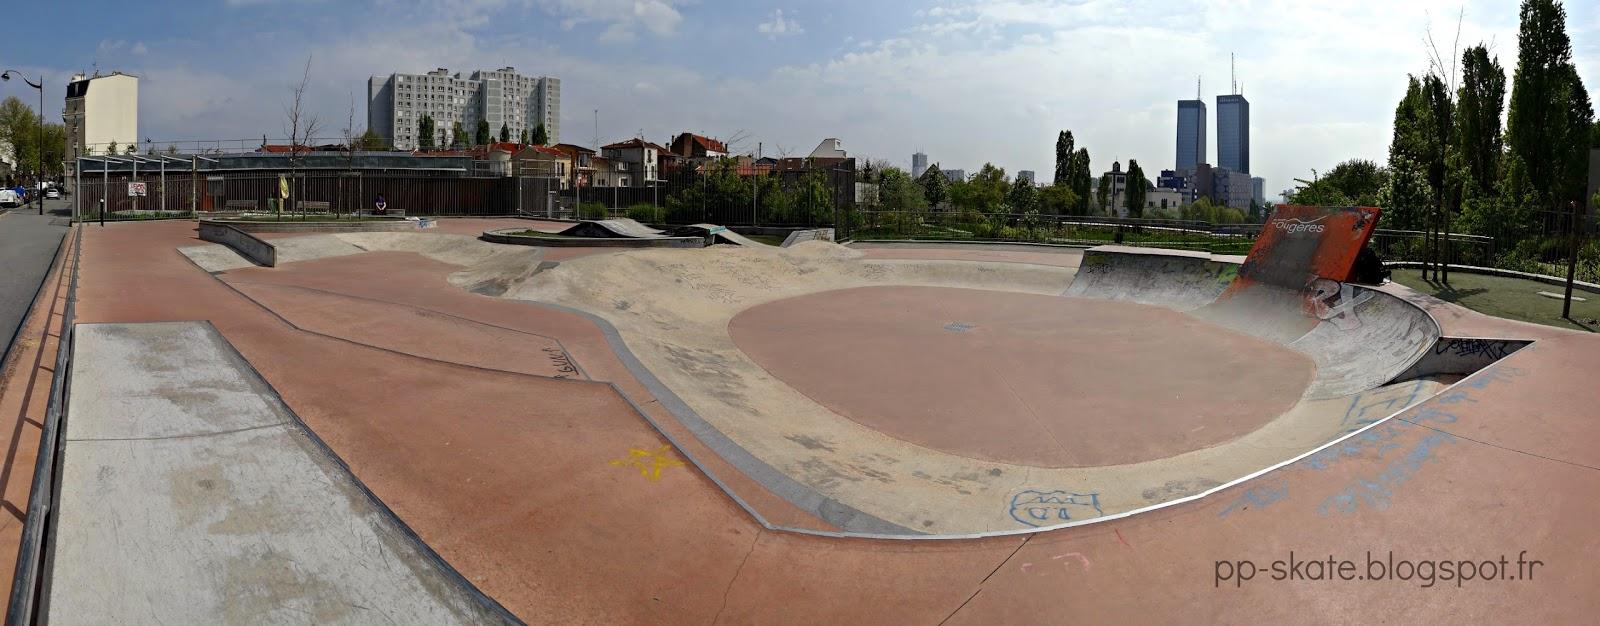 skatepark porte des lilas panoramique